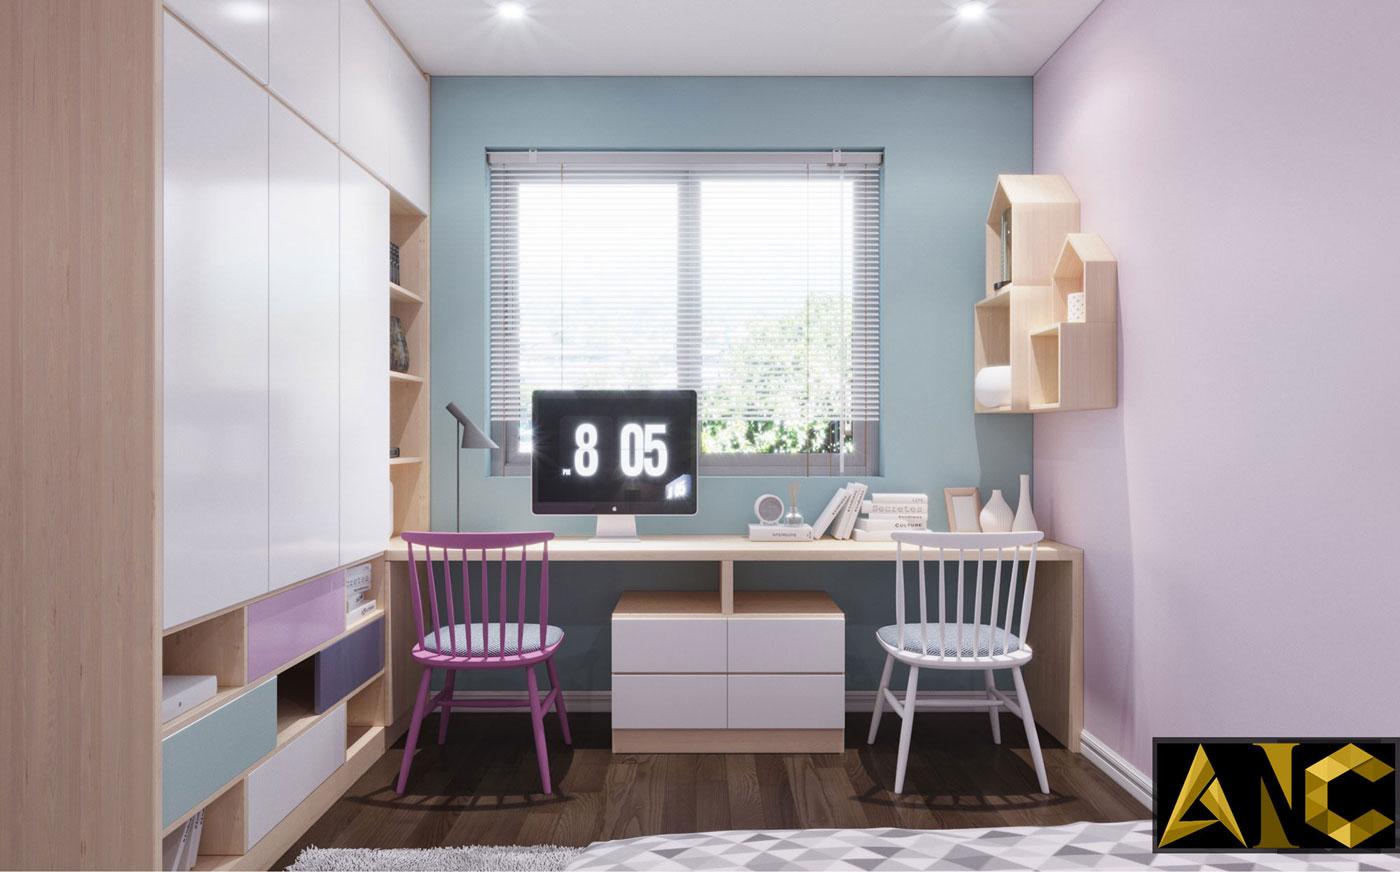 Thiết kế thi công biệt thự Nine South anh Mạnh - Phòng ngủ cho trẻ view 3